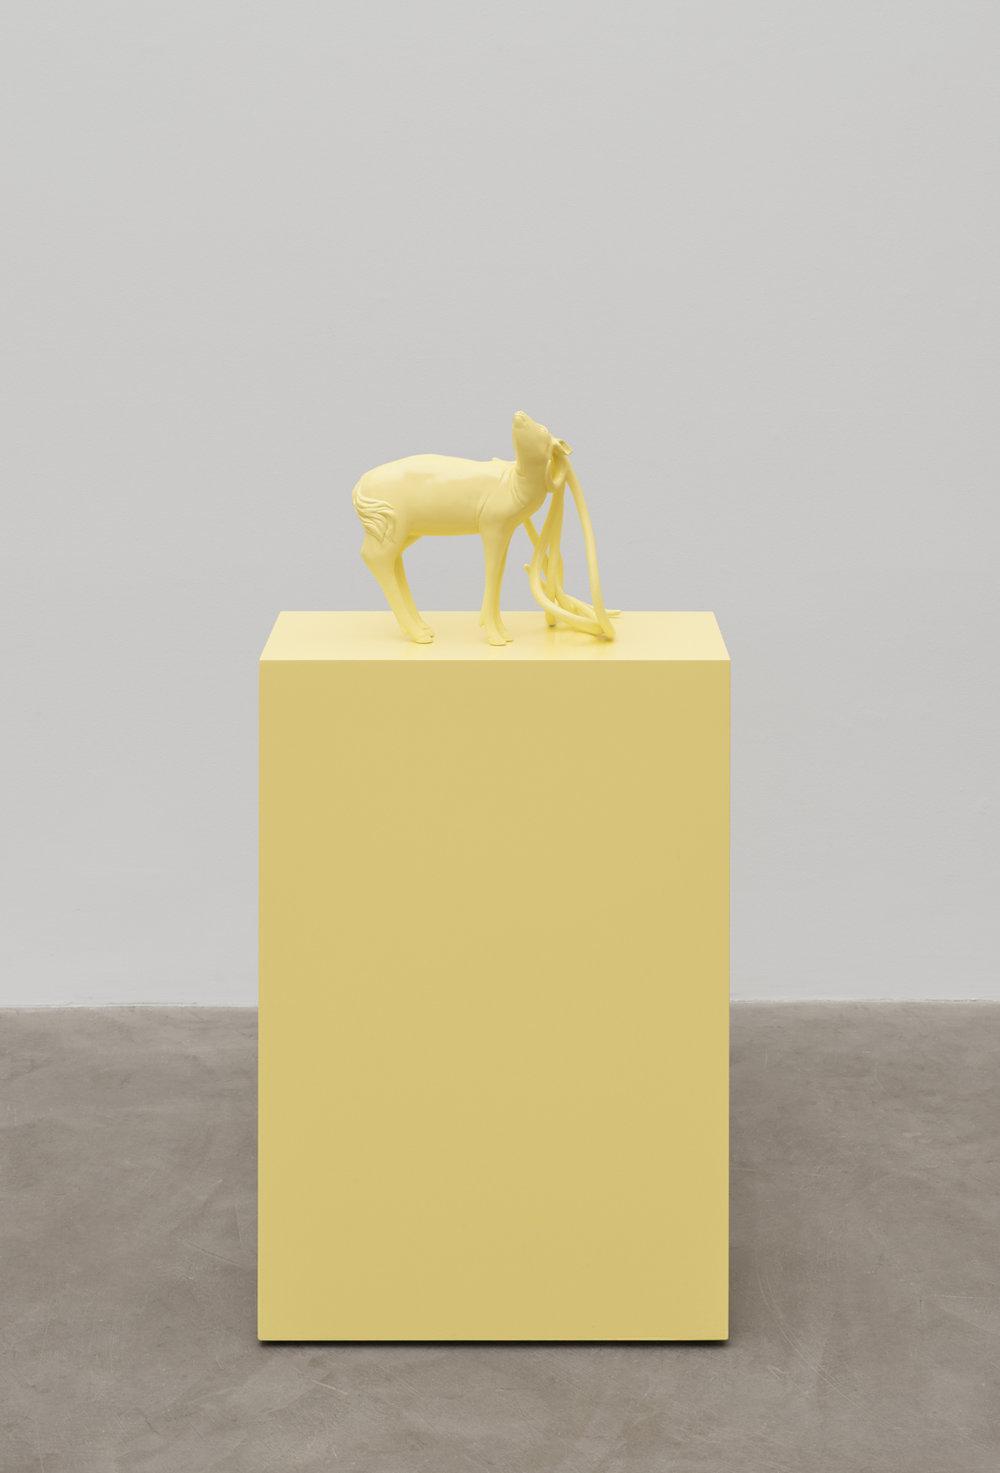 Tia Pulitzer   UPLIFT/ Solar Yellow Dear , 2018 fired clay, paint  44 3/8 x 36 x 21 1/2 in - 112,7 x 91,5 x 54,6 cm